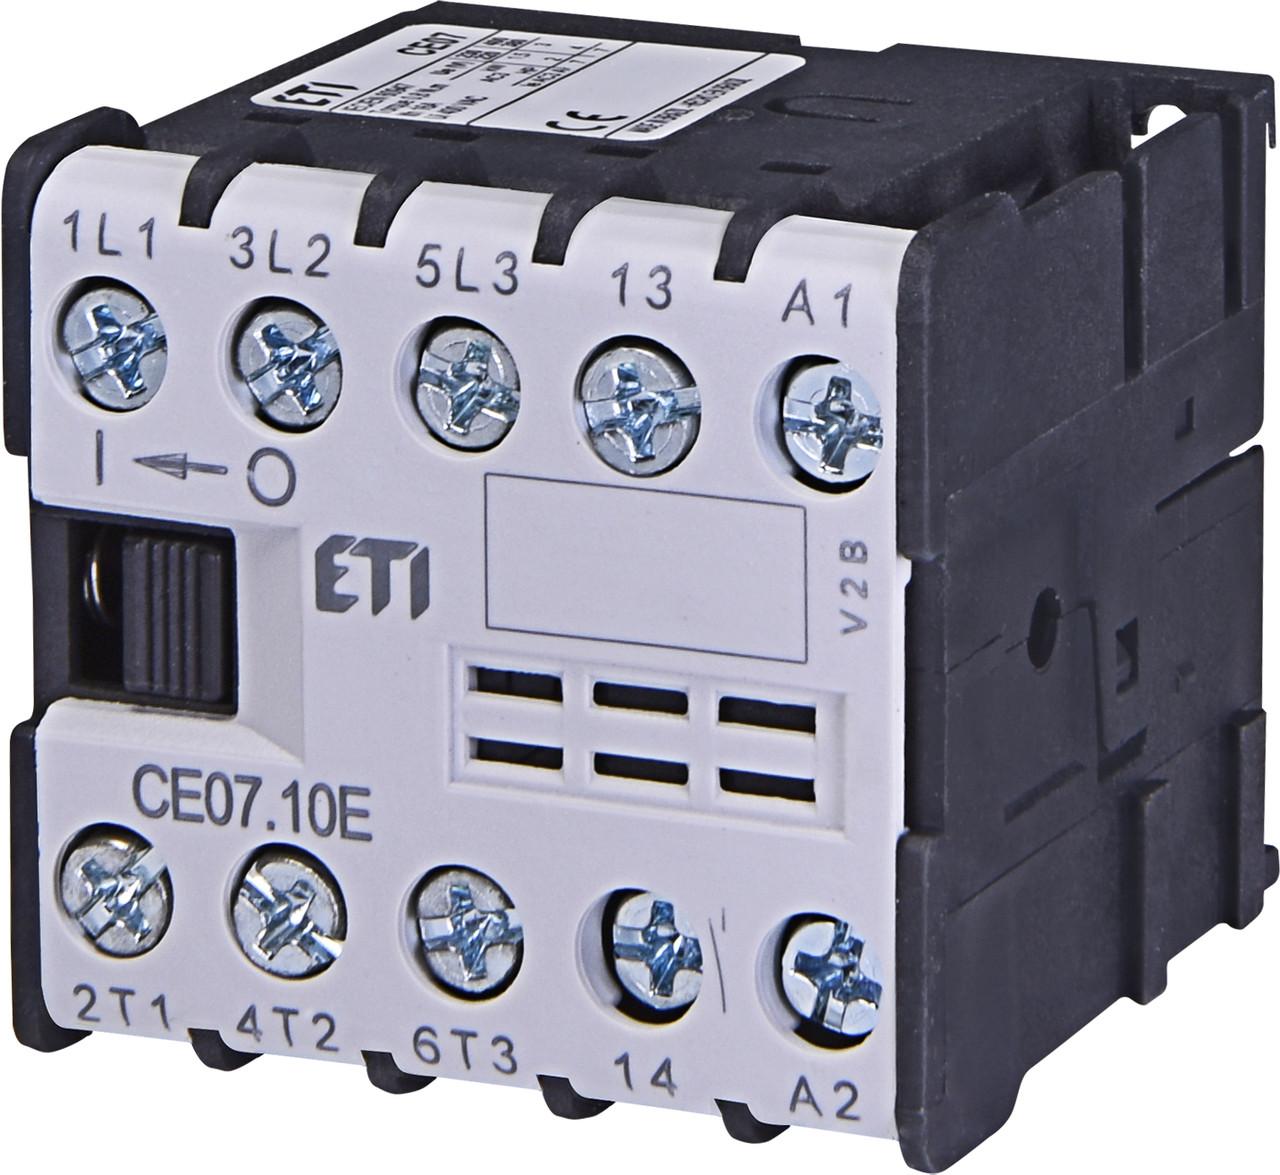 Контактор миниатюрный ETI CE 07.10 7А 24V AC 3NO+1NO 3kW 4641020 (силовой, 16A AC1, 7A AC3)